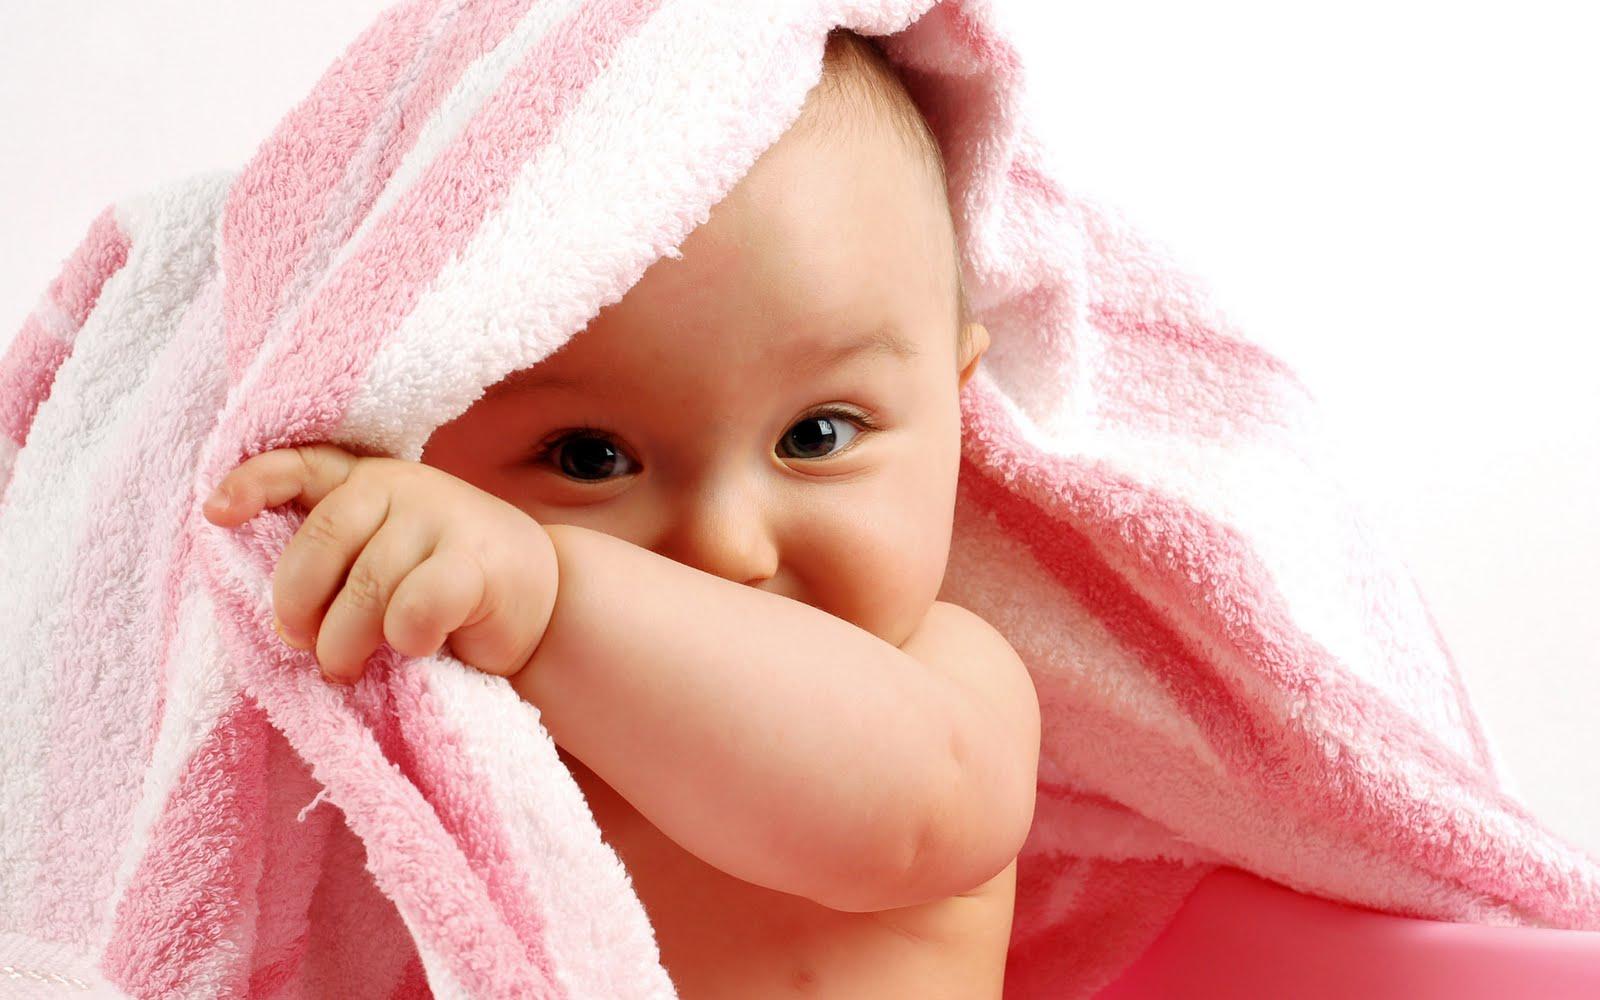 http://4.bp.blogspot.com/-brh3vfGZRoI/Td1riK9a86I/AAAAAAAAAE0/T3JnStbQZfc/s1600/-funny-baby-wallpaper-.jpg